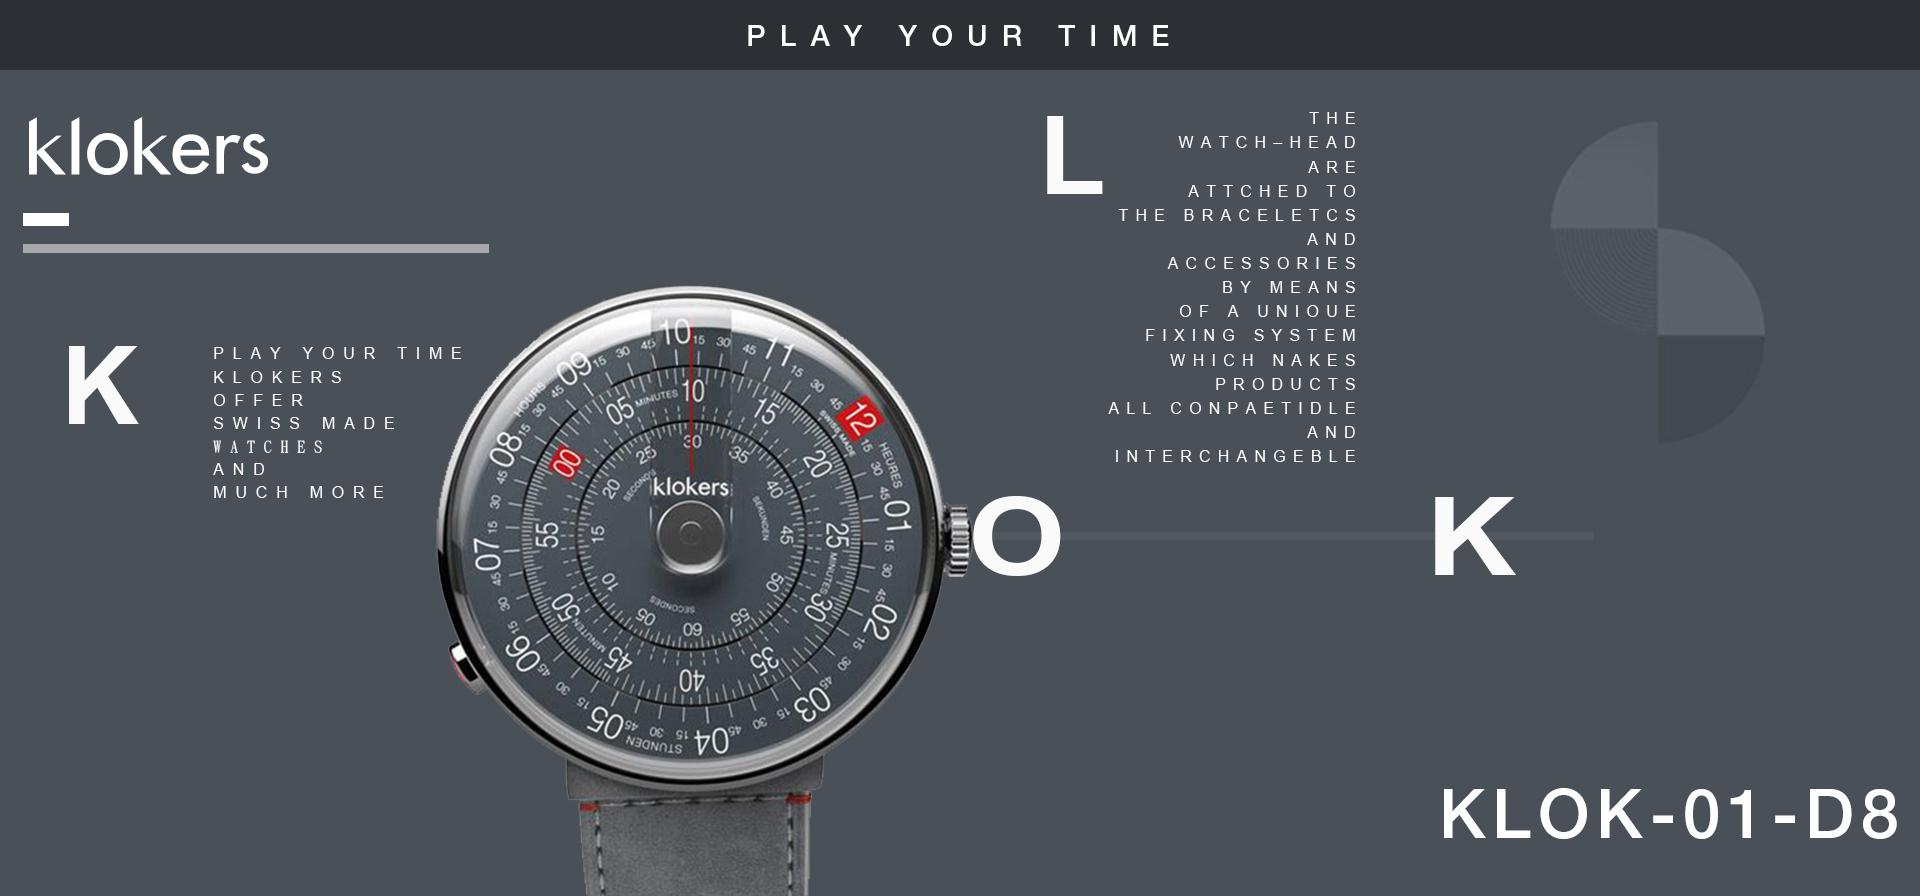 klokers KLOK-01-D8 深灰色錶頭 + 寬鐵灰色麂皮